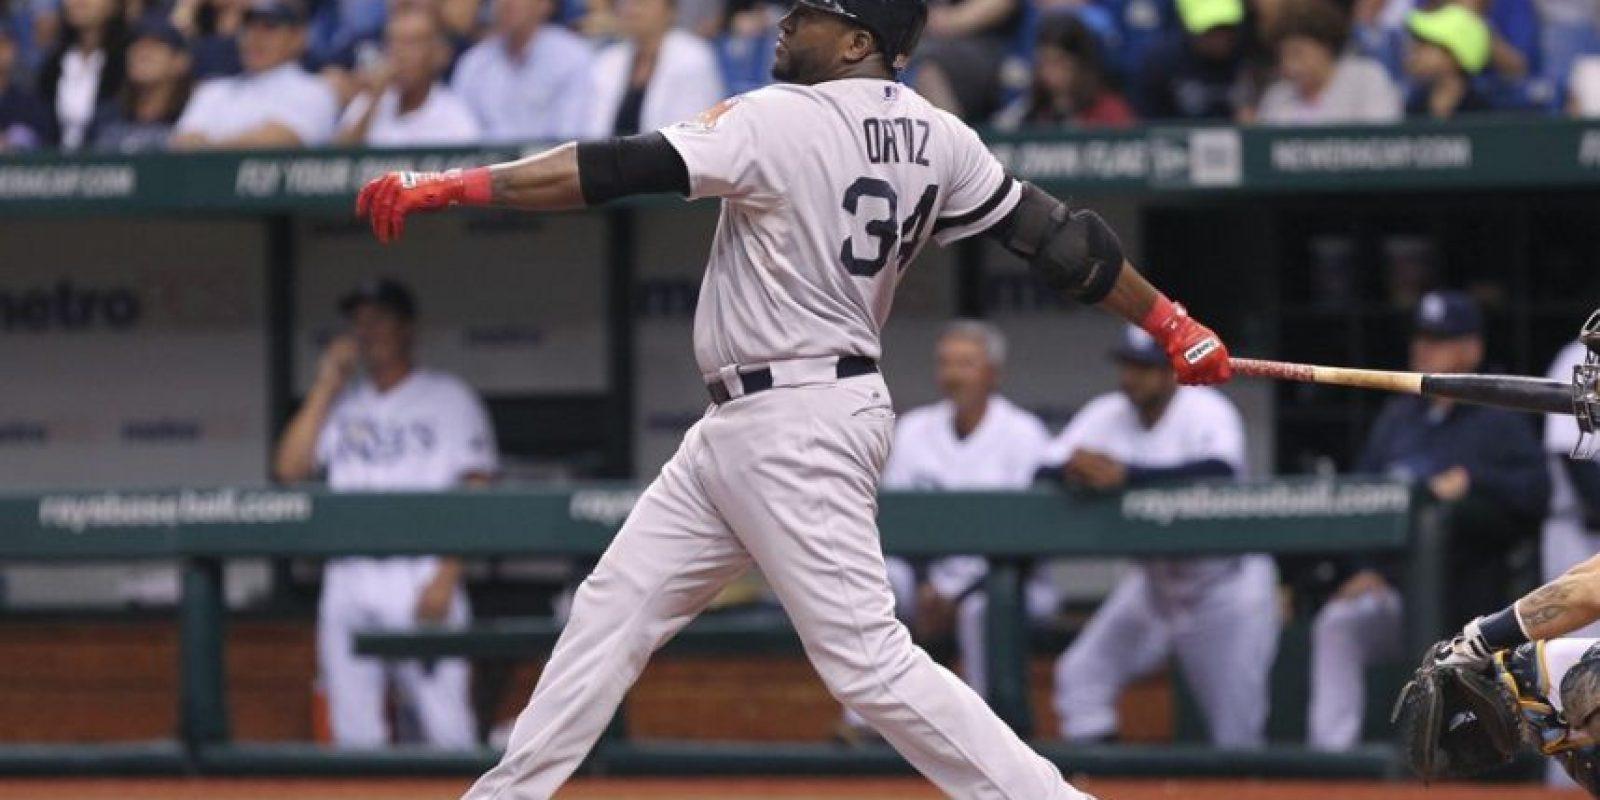 Los 500 tablazos de David Ortiz. En este año el bateador designado de los Medias Rojas se convirtió en el jugador número 27 y quinto dominicano junto a Sammy Sosa (609), Alex Rodríguez (686), Manny Ramirez (555) y Albert Pujols (558), que alcanza los 500 cuadrangulares en la historia de las Grandes Ligas.Ortiz disparó dos cuadrangulares el 12 de septiembre pasado, ante los Rays de Tampa Bay, ambos tablazos ante los envíos del derecho Matt Moore. El primero de sus batazos lo conectó en la primera entrada, sobre la verja del jardín derecho; para el segundo de la tarde y quinientos de su carrera, envió la pelota entre los jardines derecho y central del Tropicana Field.Este ha sido uno de los momentos más significativos para el pueblo dominicano en el deporte este año, por la gran admiración e identificación con la que este jugador cuenta entre la población en general.